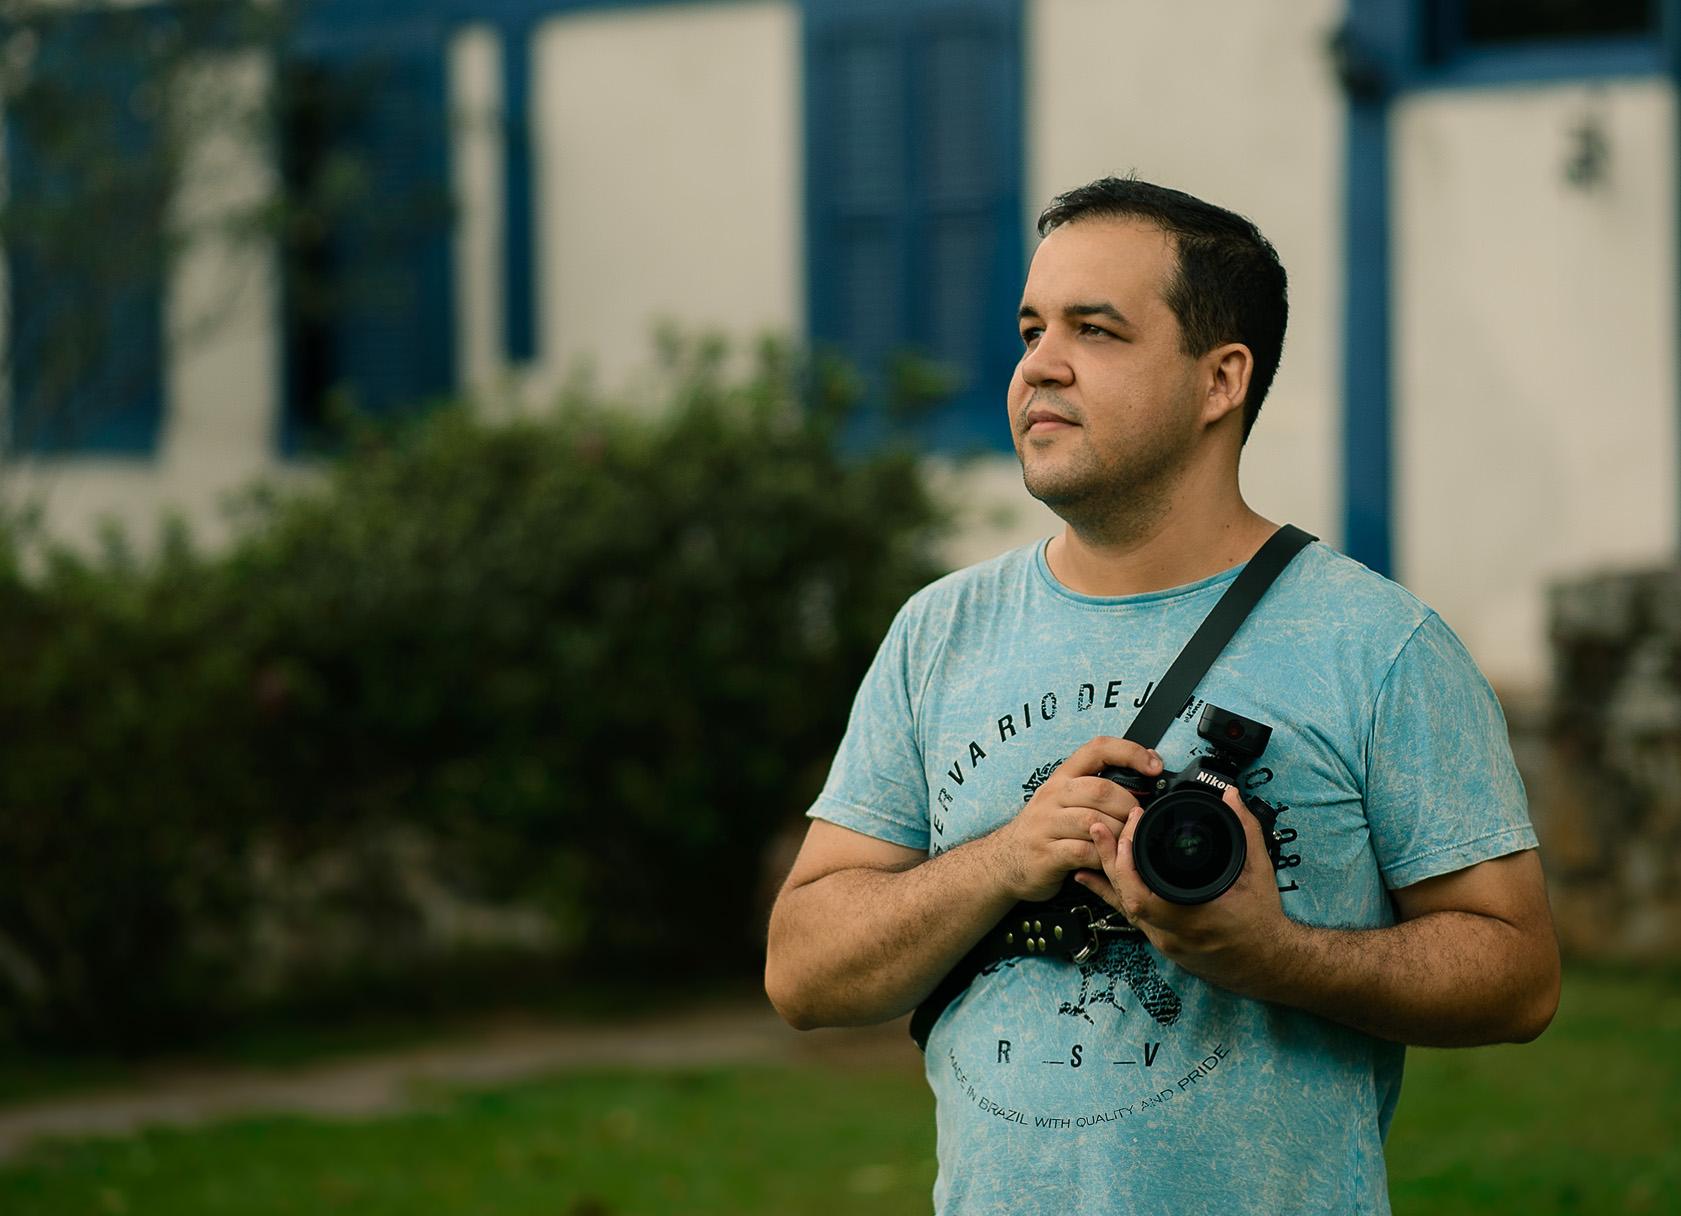 Sobre Fotógrafo de Casamento e Ensaios - Diego Souza Fotografia - Valença - Rio de Janeiro e Região-RJ